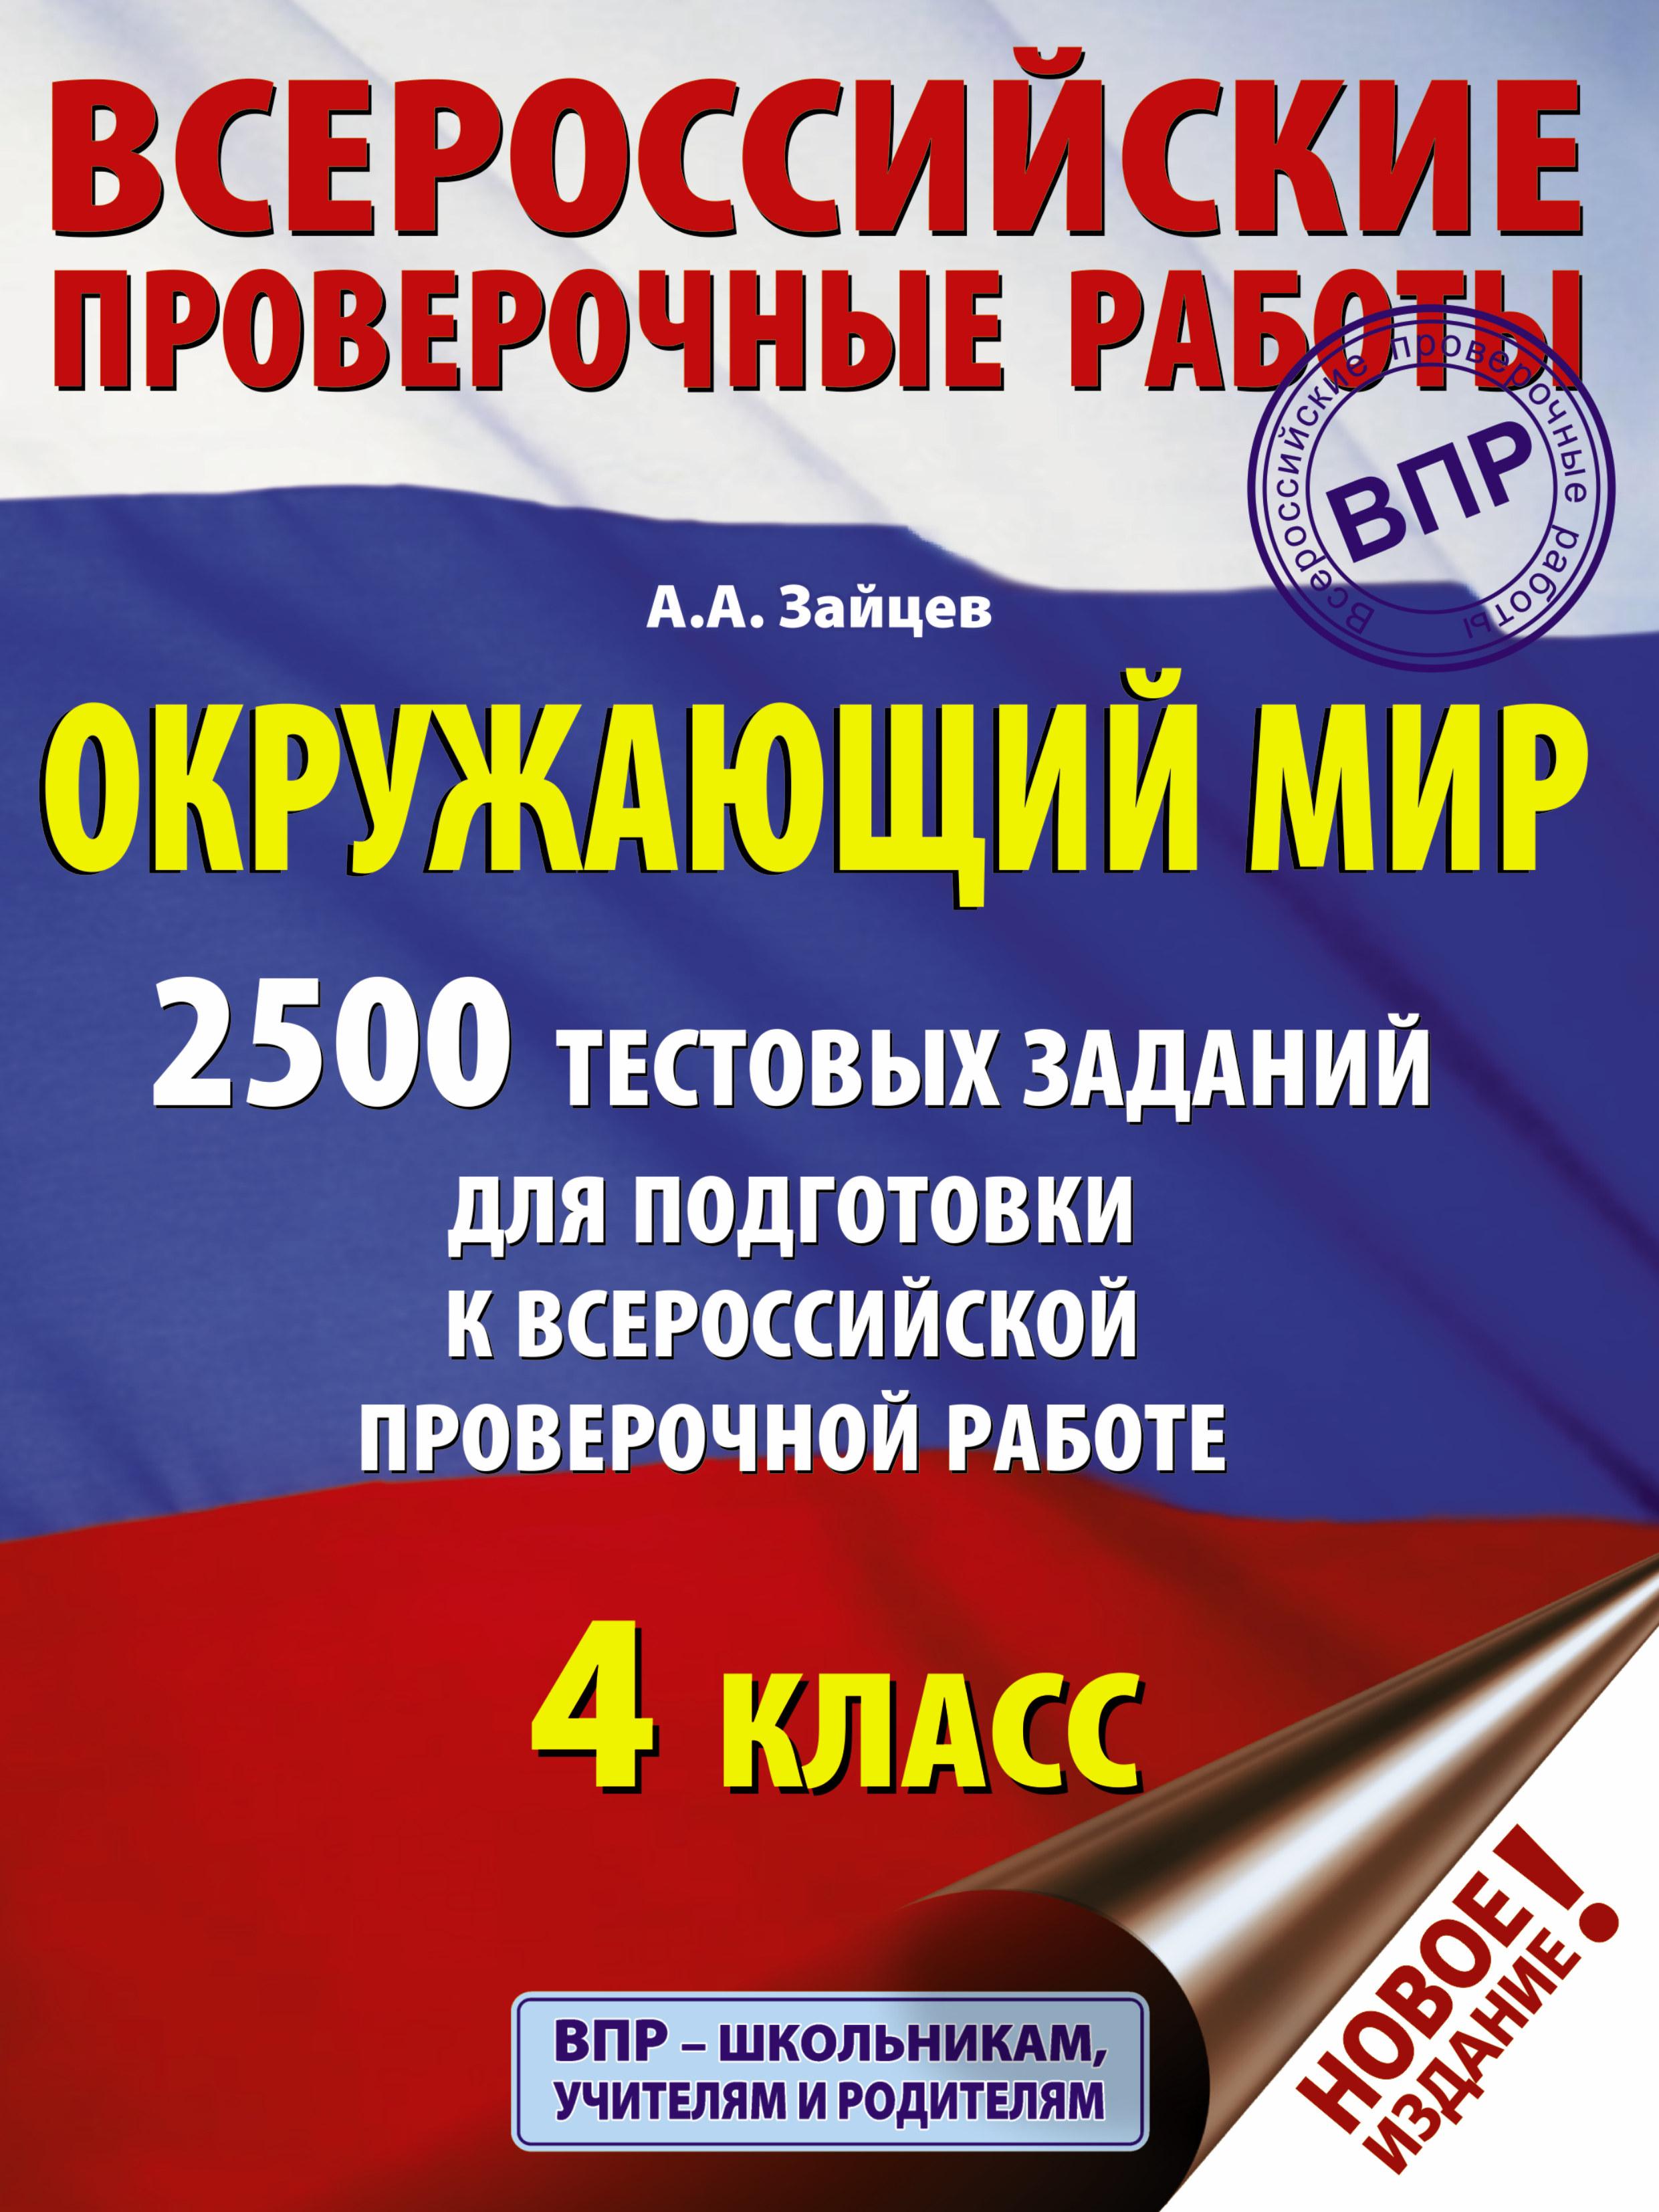 Окружающий мир. 2500 заданий для подготовки к всероссийской проверочной работе. 4 класс ( Зайцев Артем Александрович  )